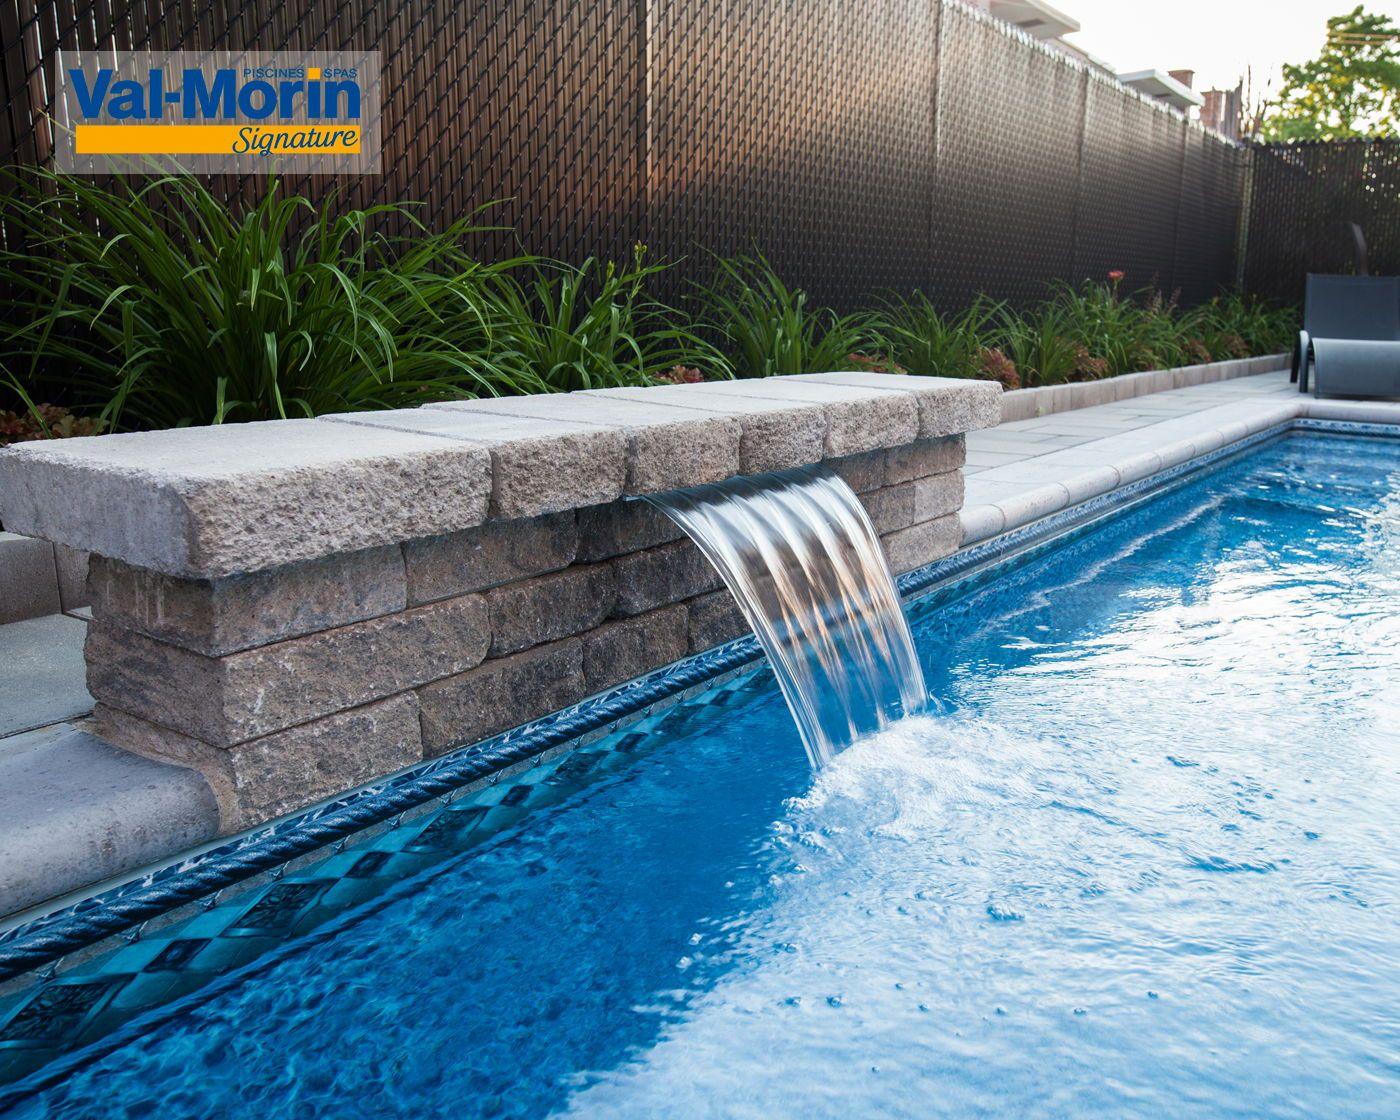 Constructeur De Piscine Montpellier magnifique piscine creusée signée piscines val-morin